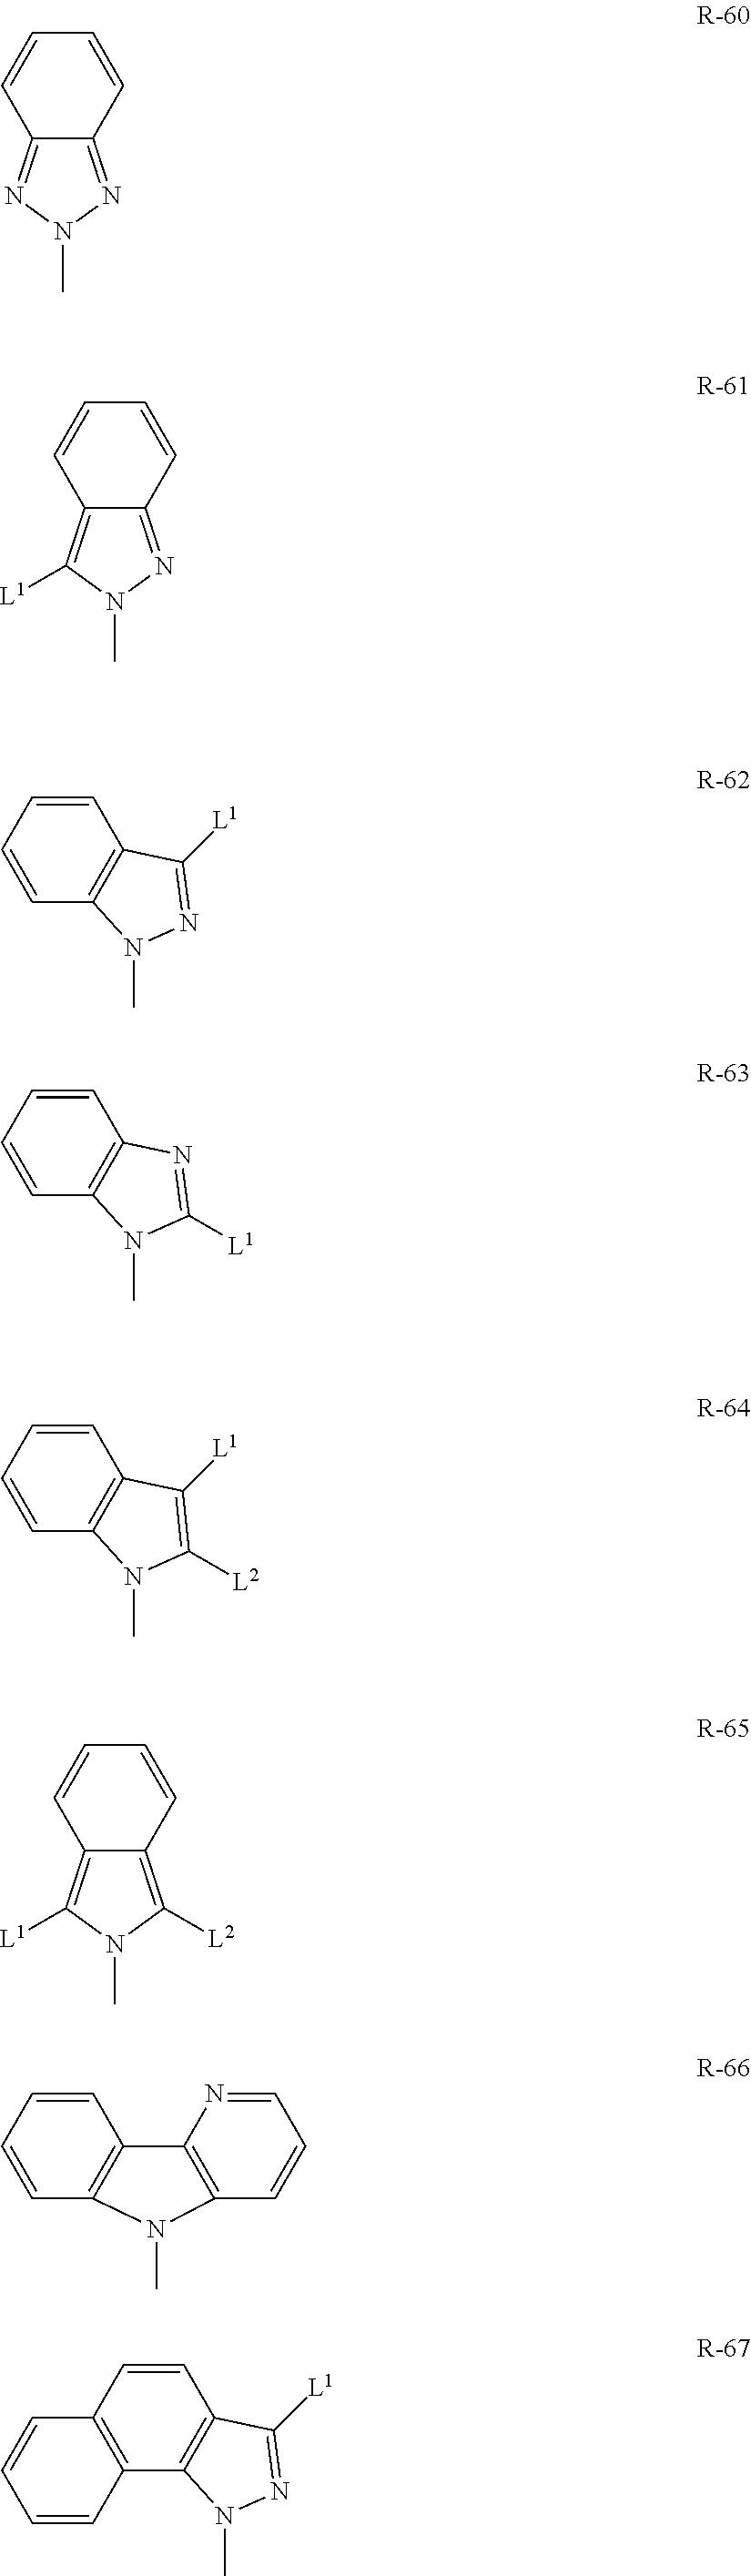 Figure US20110215312A1-20110908-C00026